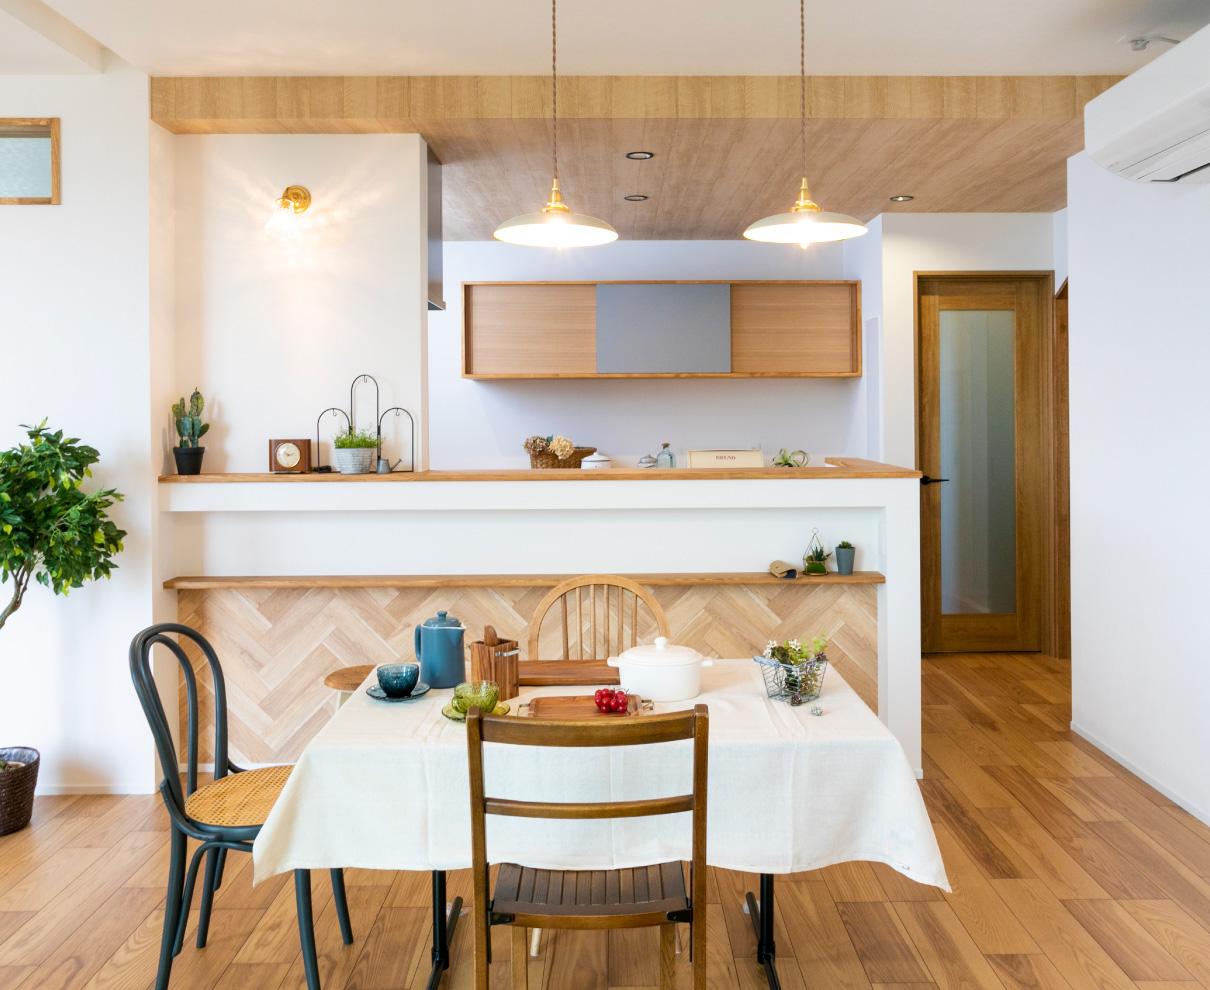 【2/27.28】完成内覧会 ノルディックな雰囲気の、カフェのような可愛らしいお家♪|メゾンデザイン工房